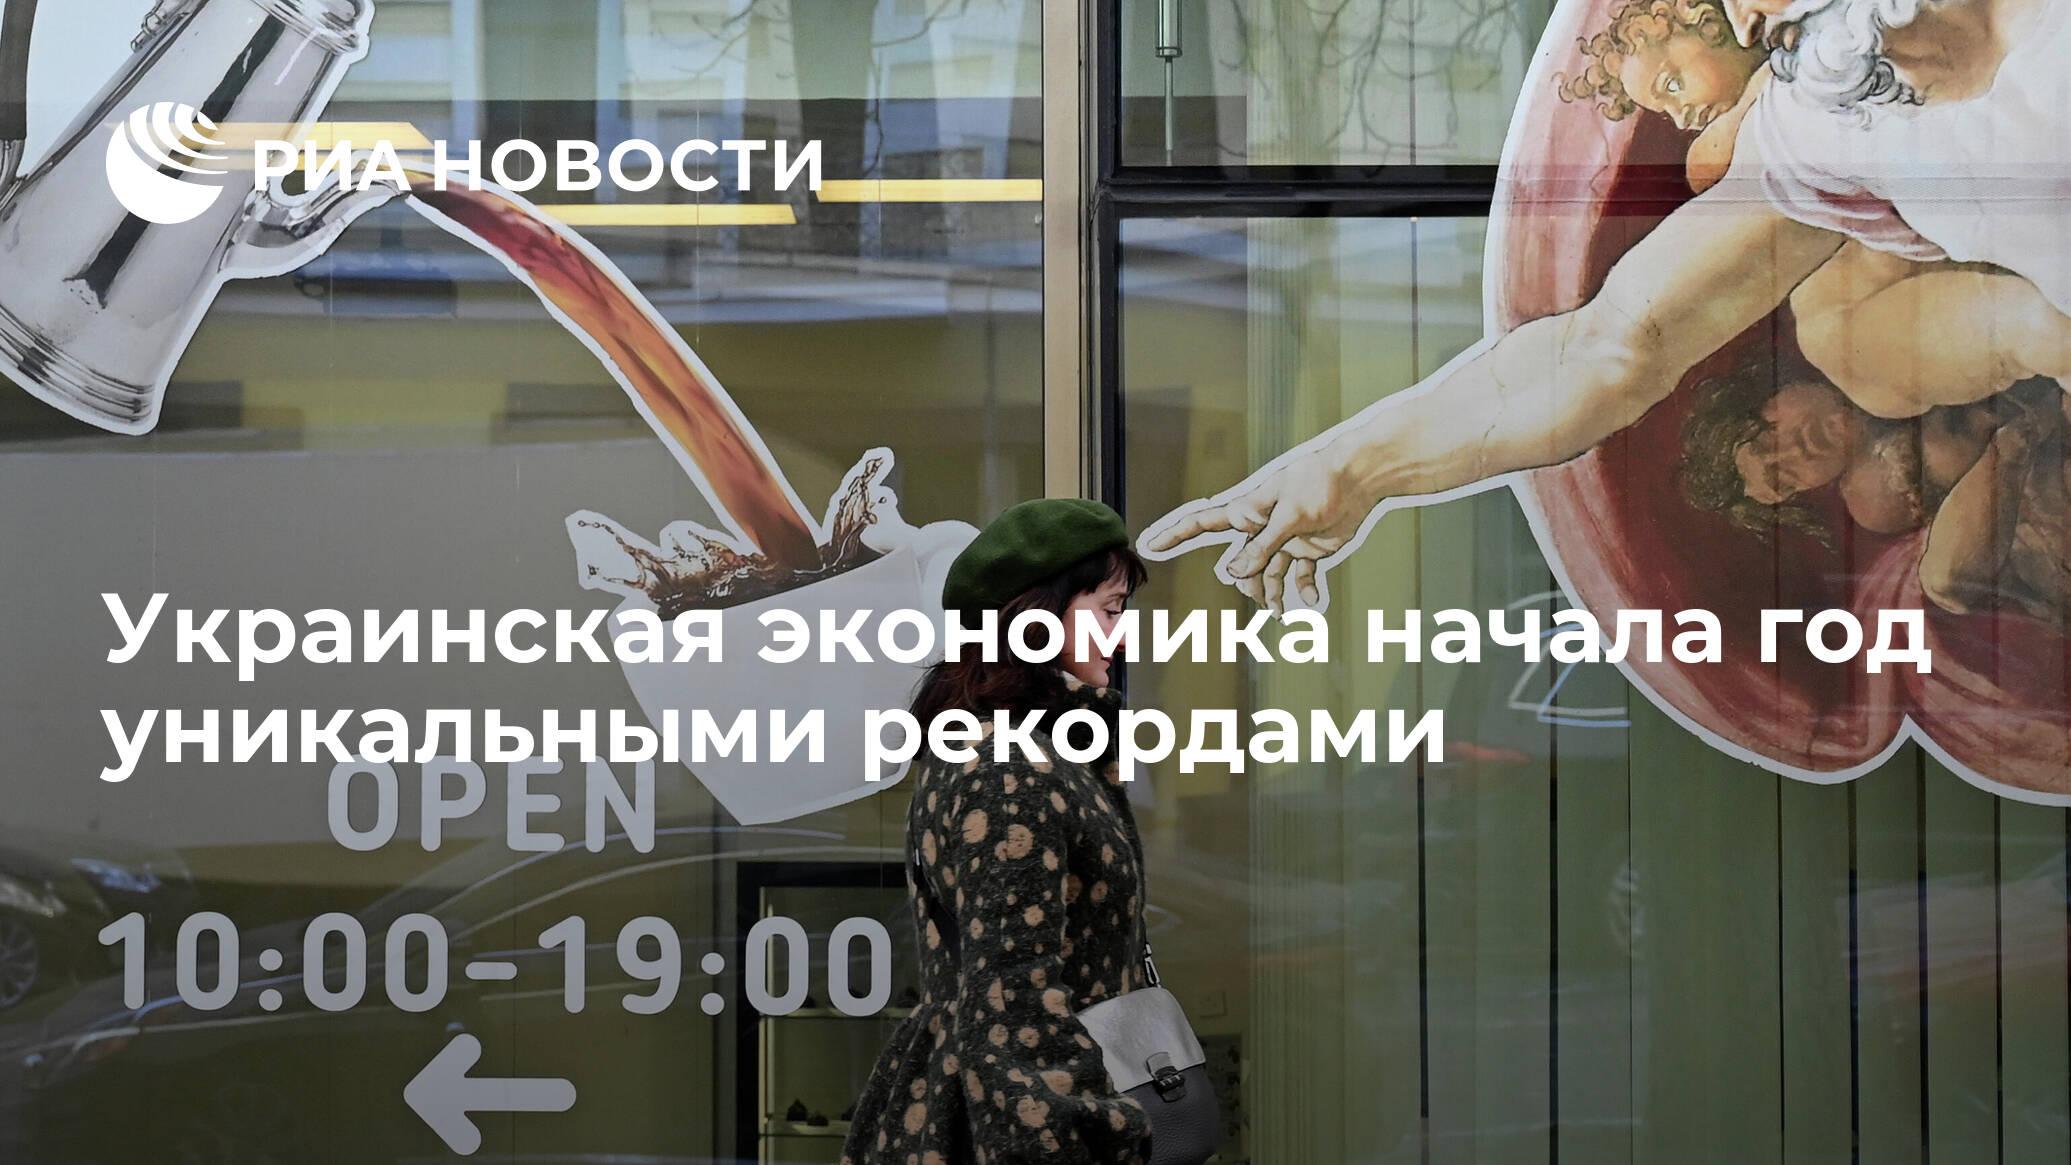 Украинская экономика начала год уникальными рекордами